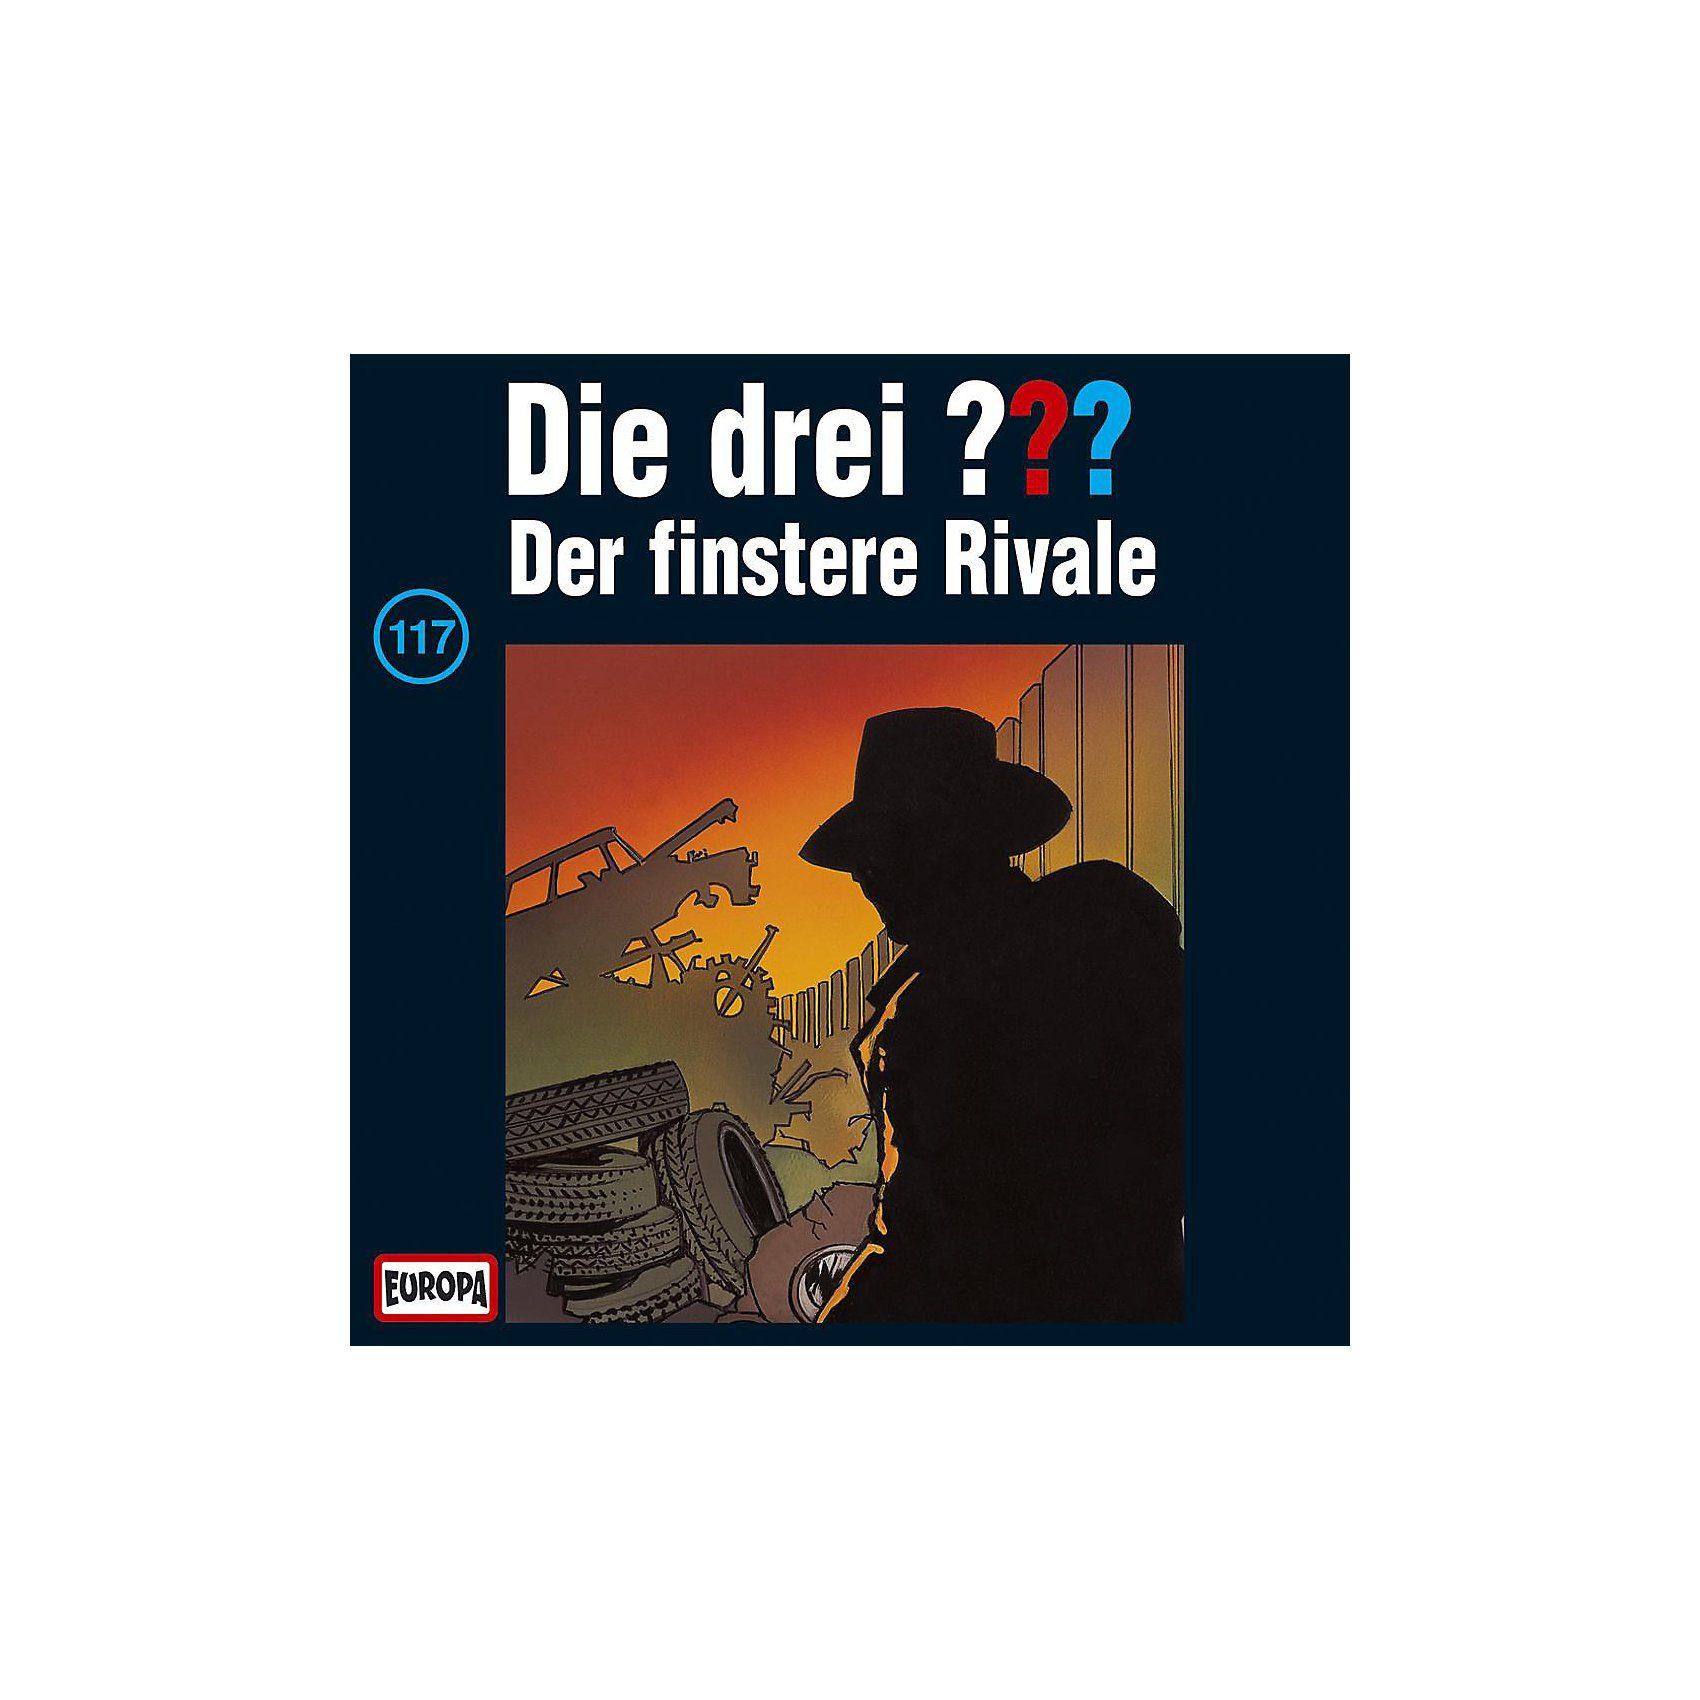 Sony CD Die Drei ??? 117 (finstere Rivale)